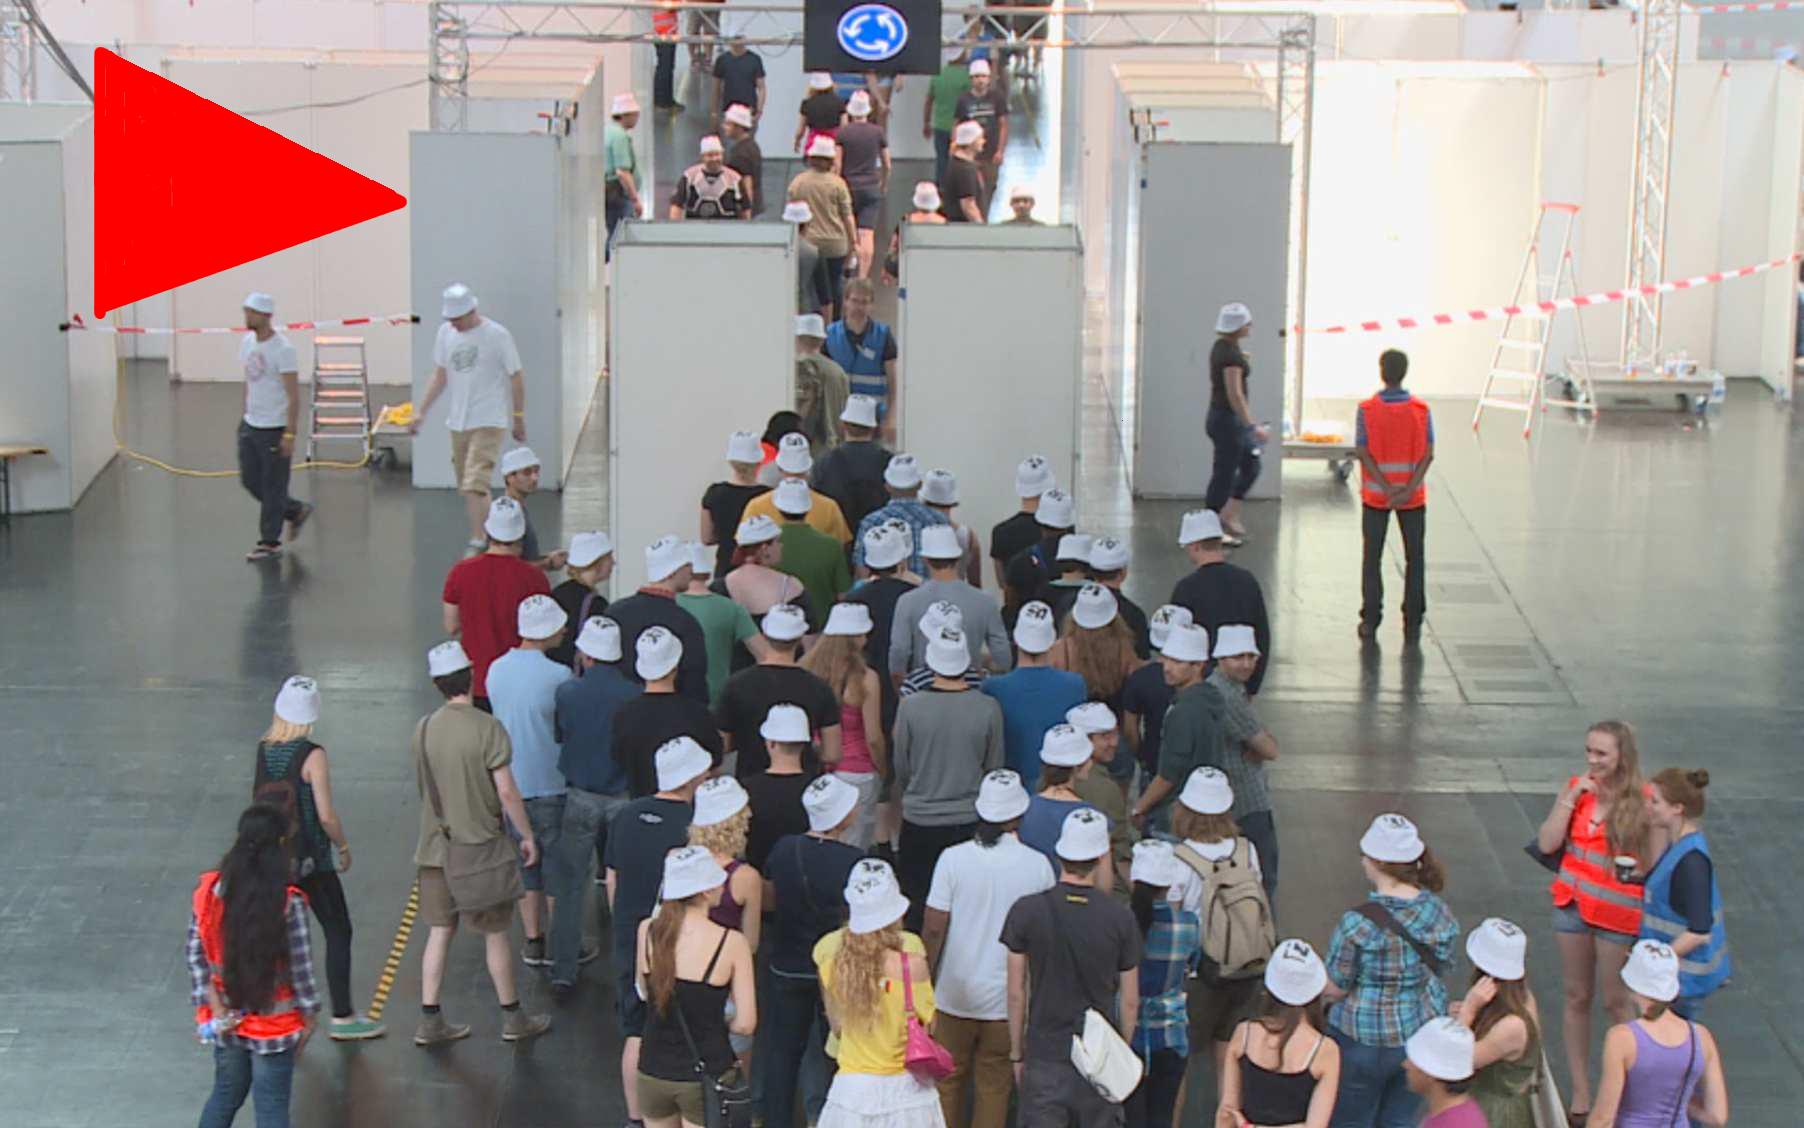 Video: Drängeln für die Sicherheit - Experiment Großveranstaltung. © spothits.de/mhoch4tv